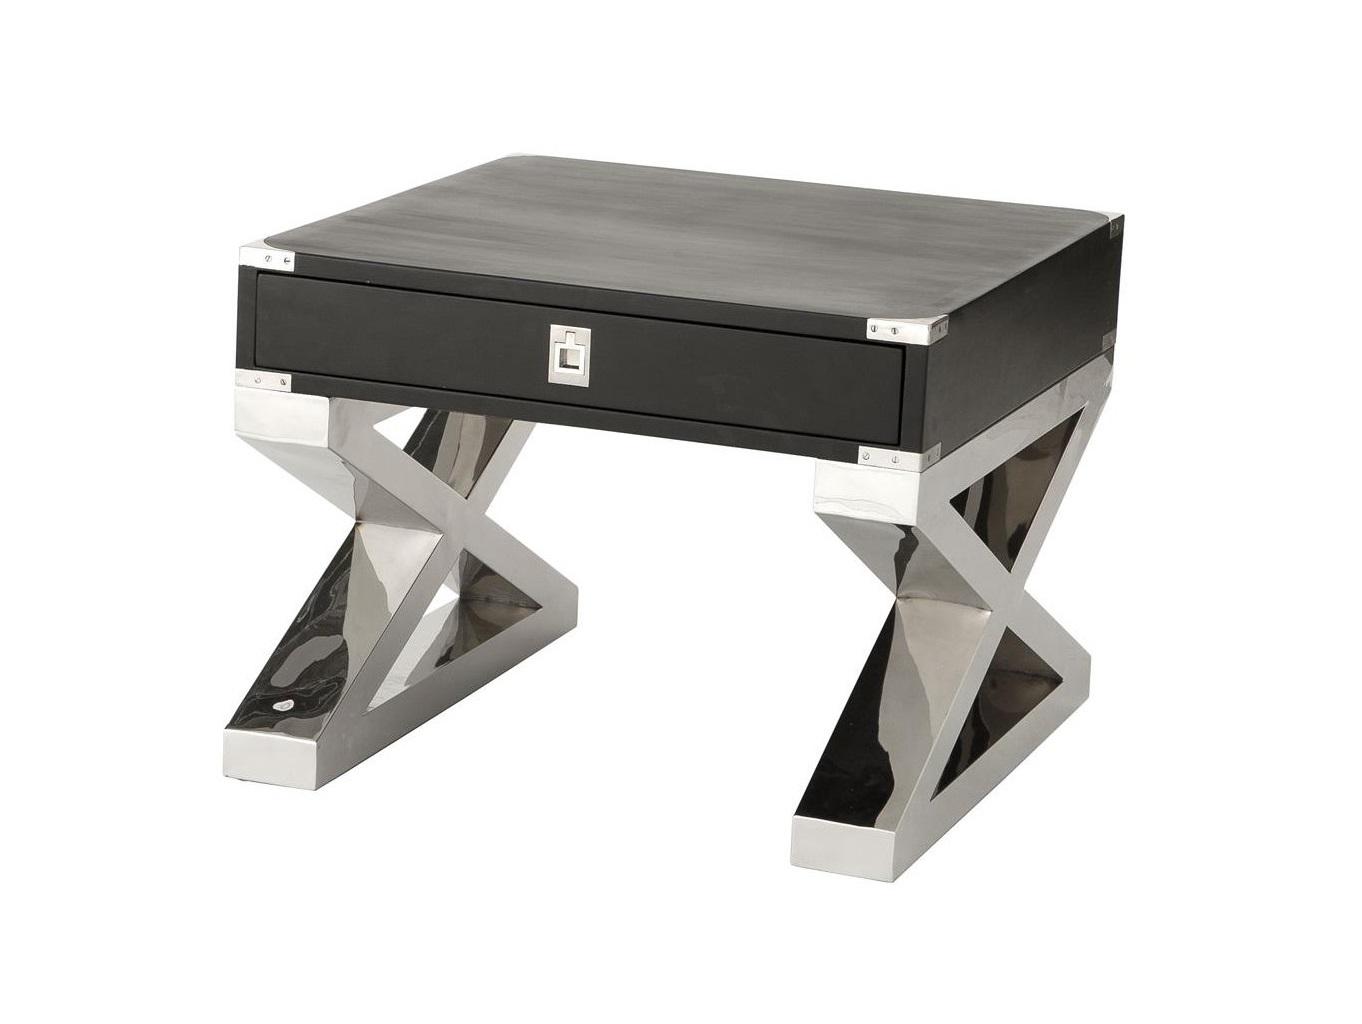 Приставной столик MontanaПриставные столики<br>Приставной столик Montana на массивных ножках из полированной нержавеющей стали. Столешница с одним выдвижным ящиком, выполнена из дерева и окрашена в черный цвет.<br><br>kit: None<br>gender: None